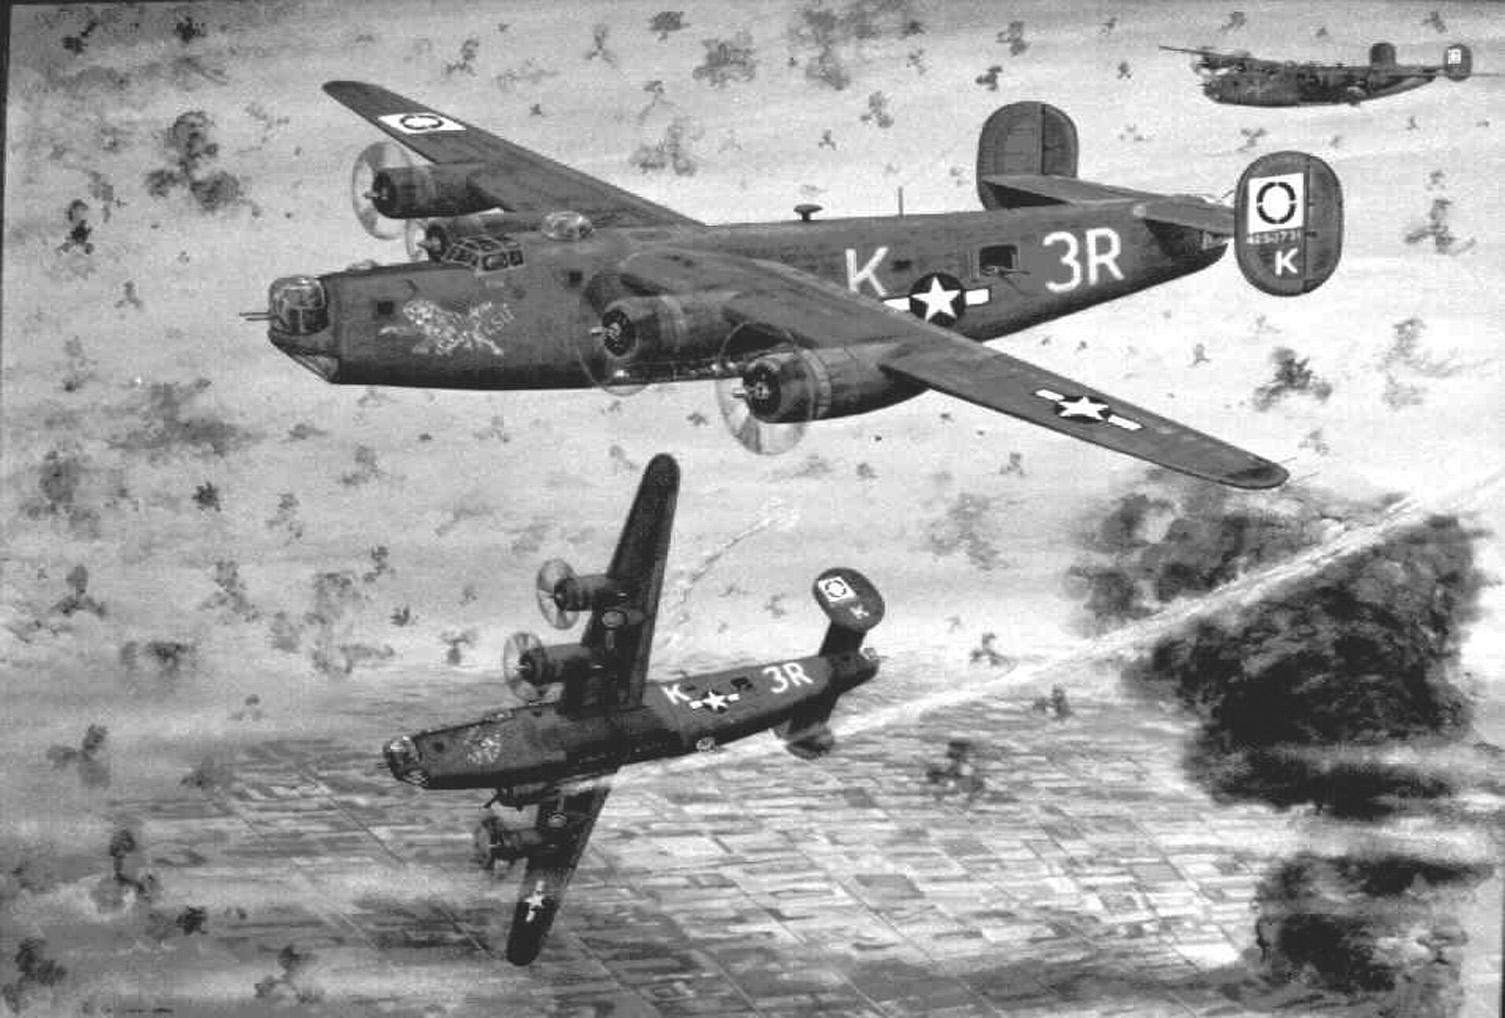 World War 2 image